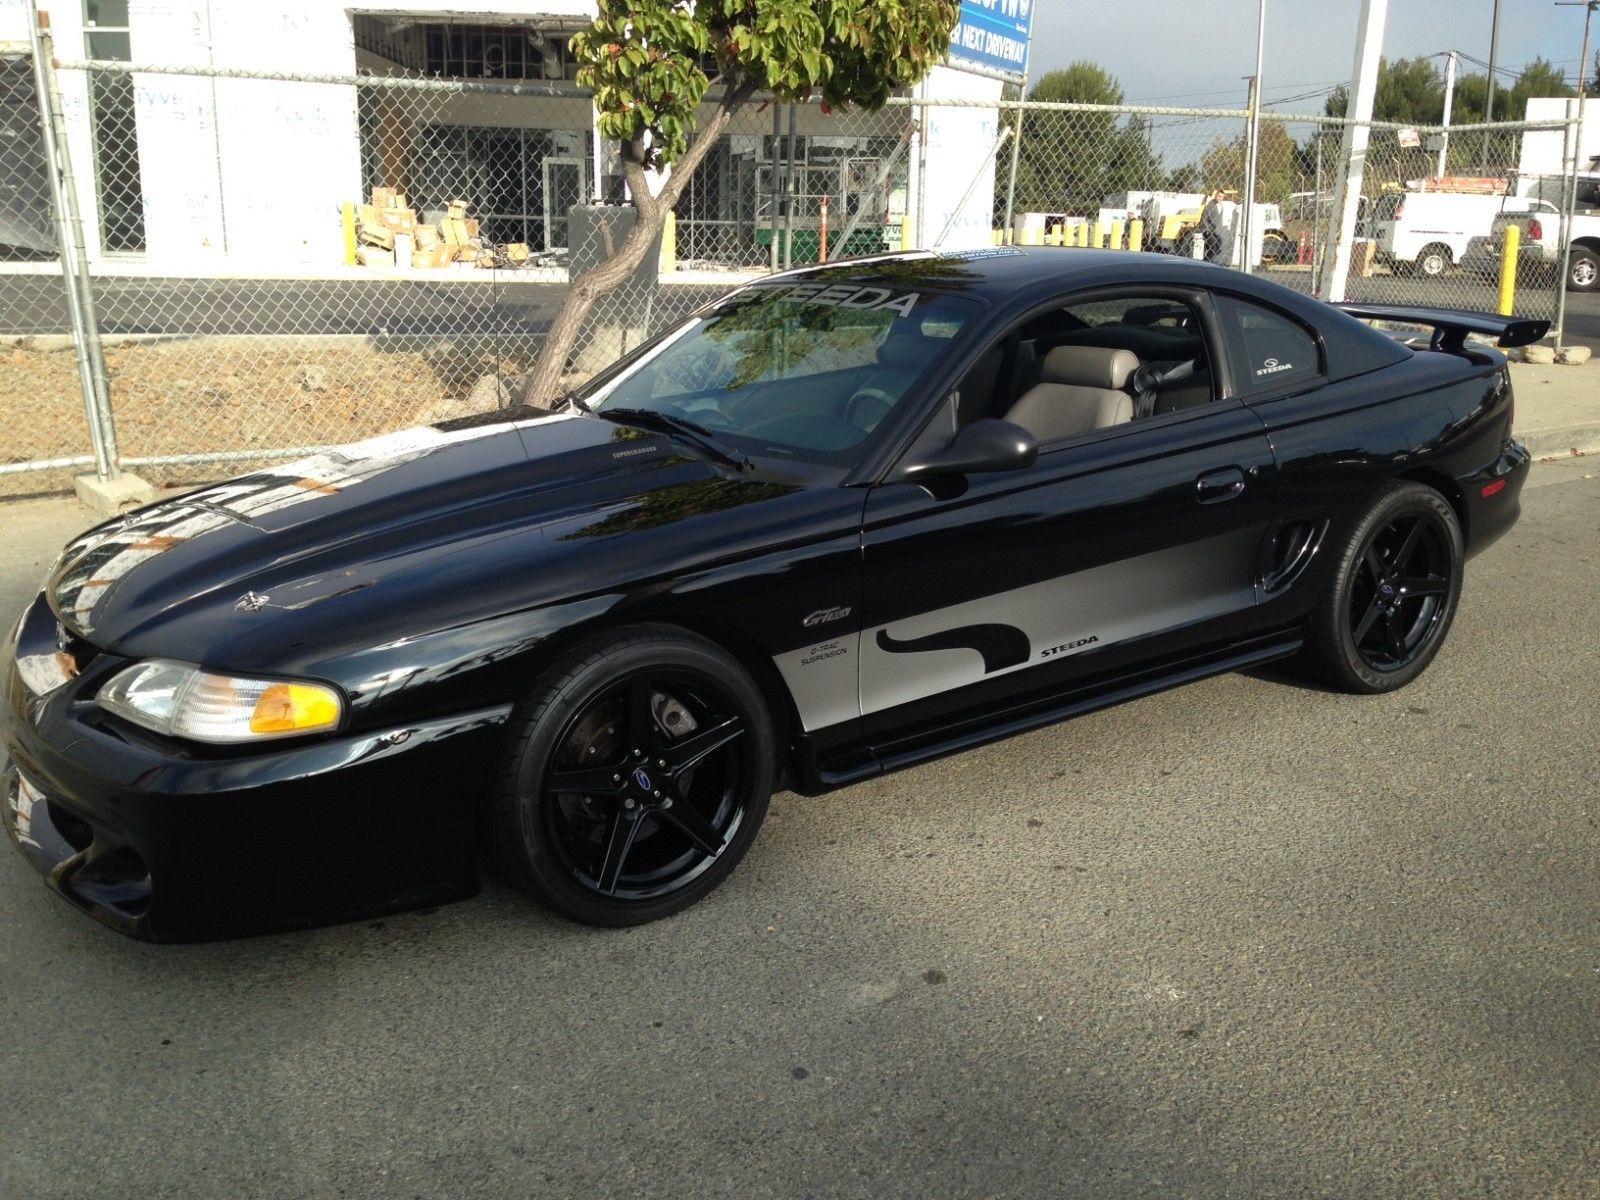 eBay 1997 Ford Mustang Steeda 97 004 1997 STEEDA Mustang GT 97